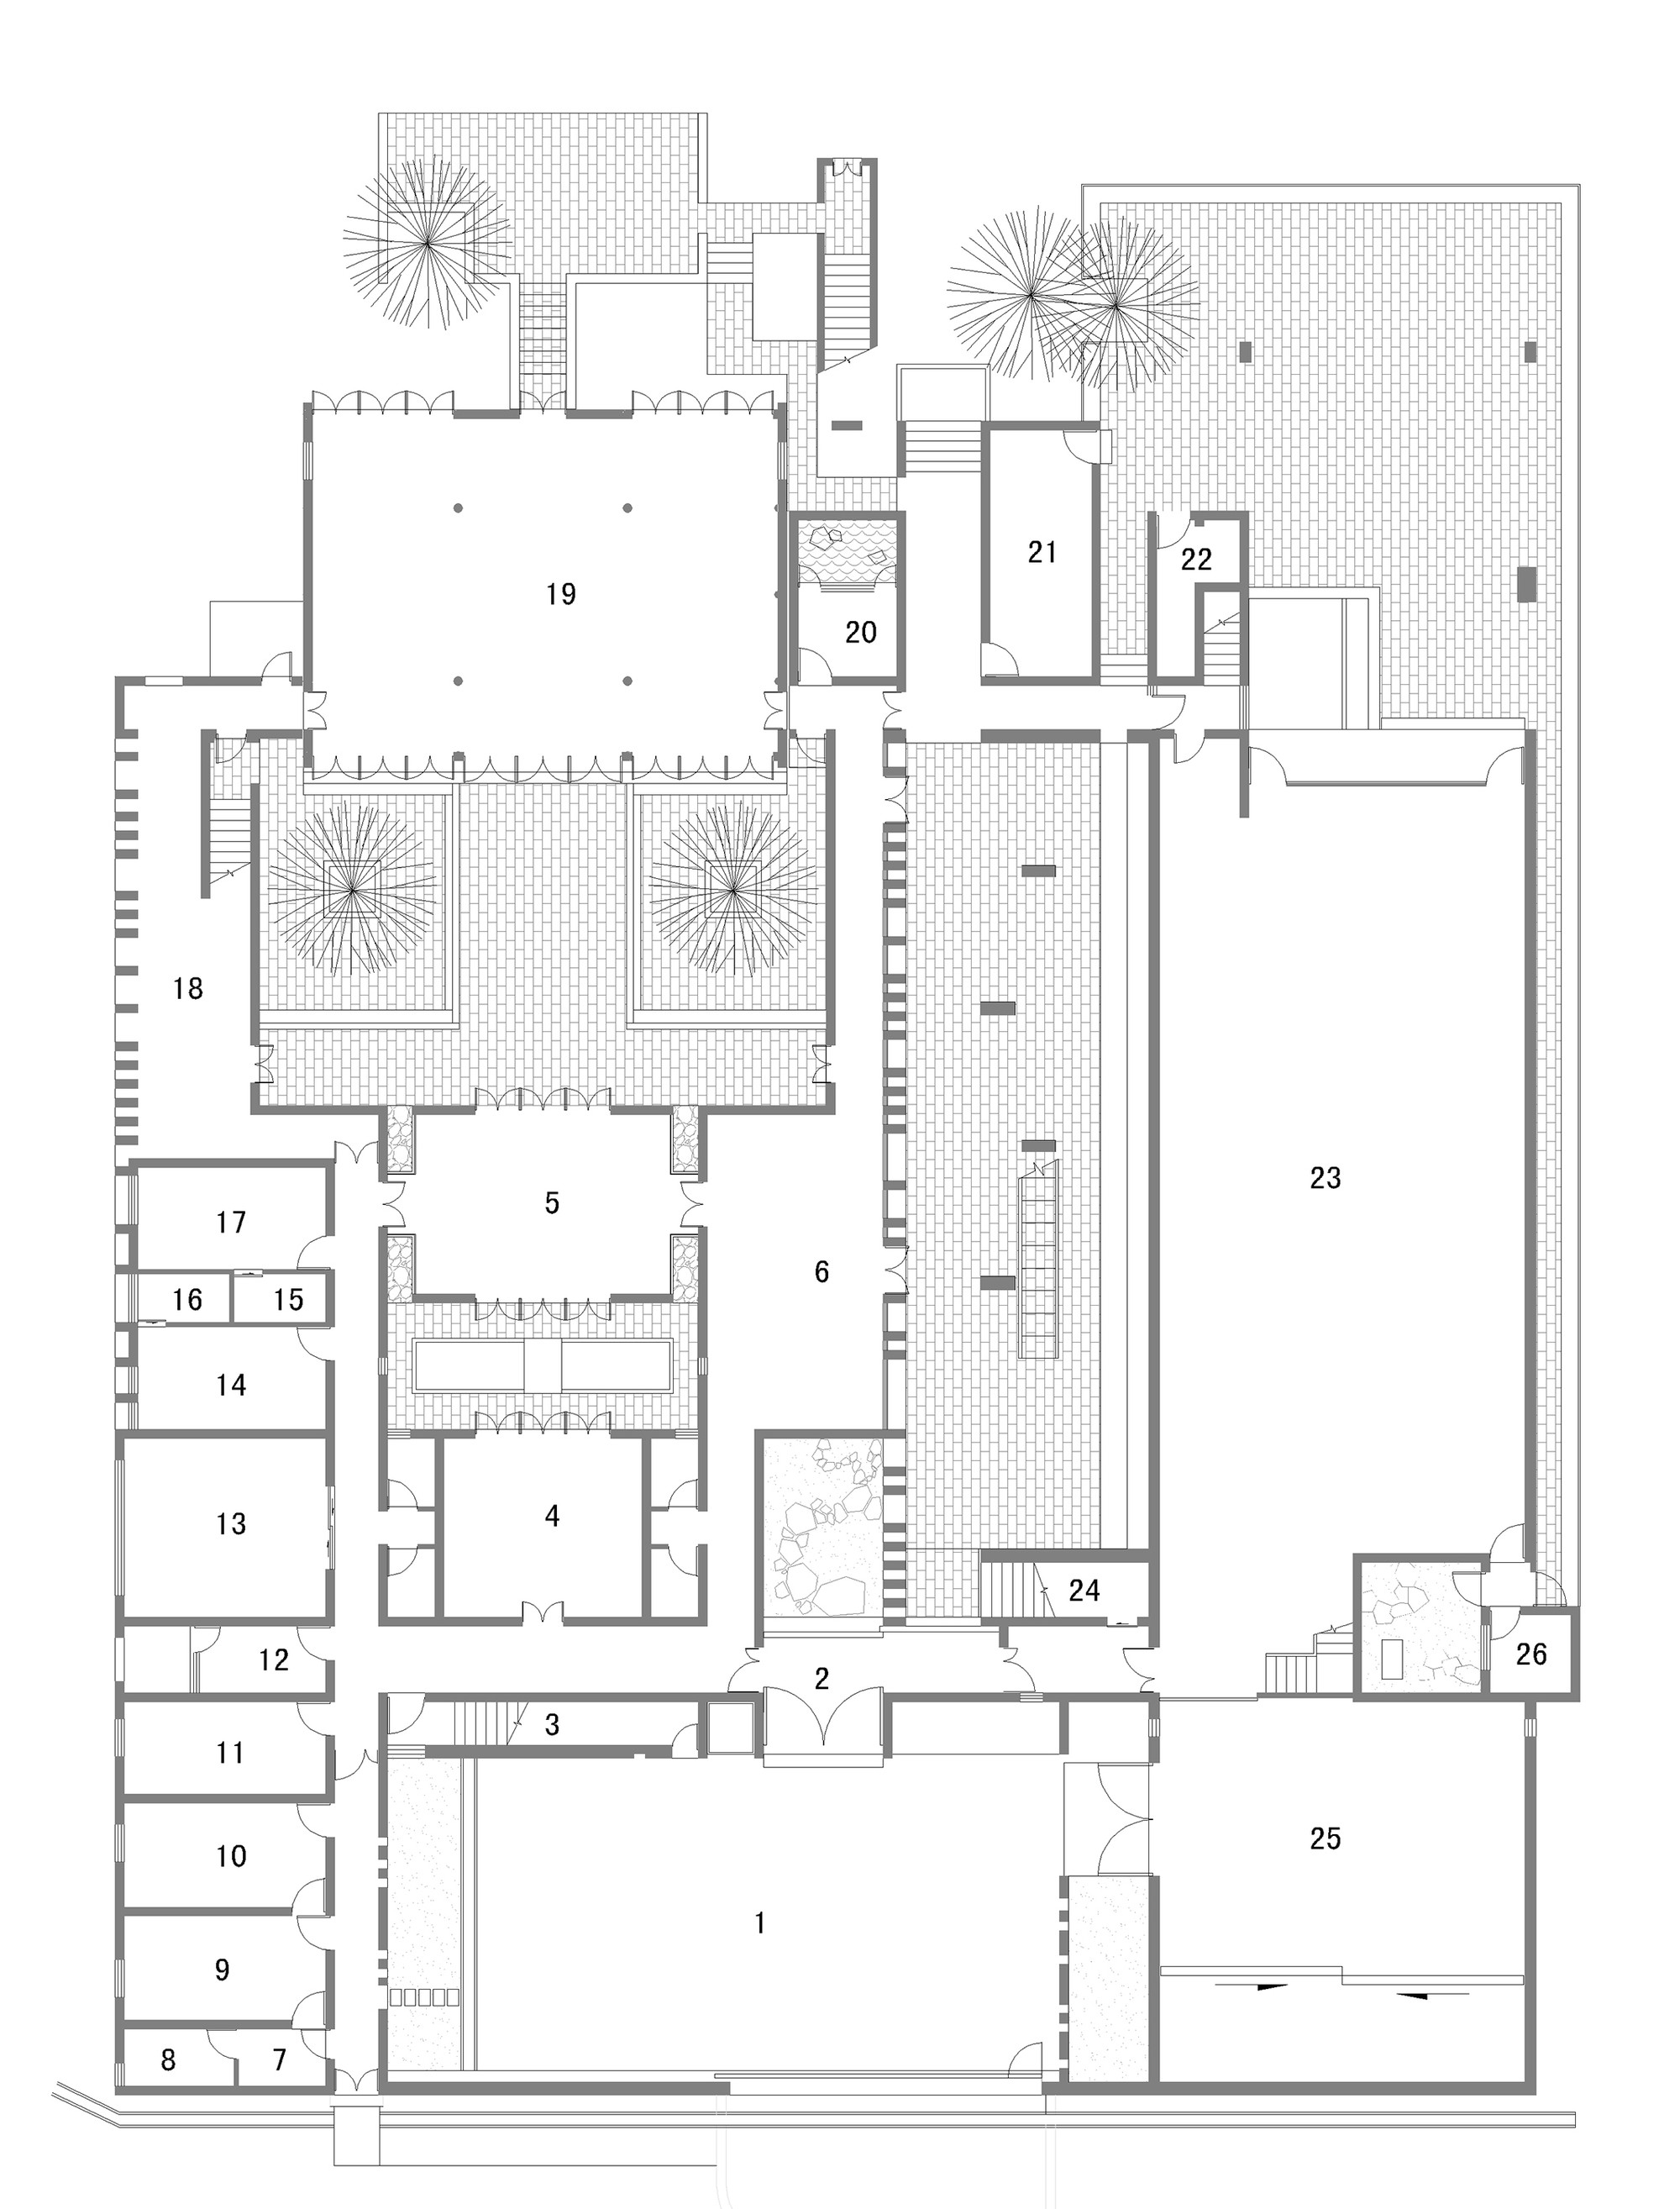 Art studio floor plan design decoration for Studio floor plan ideas